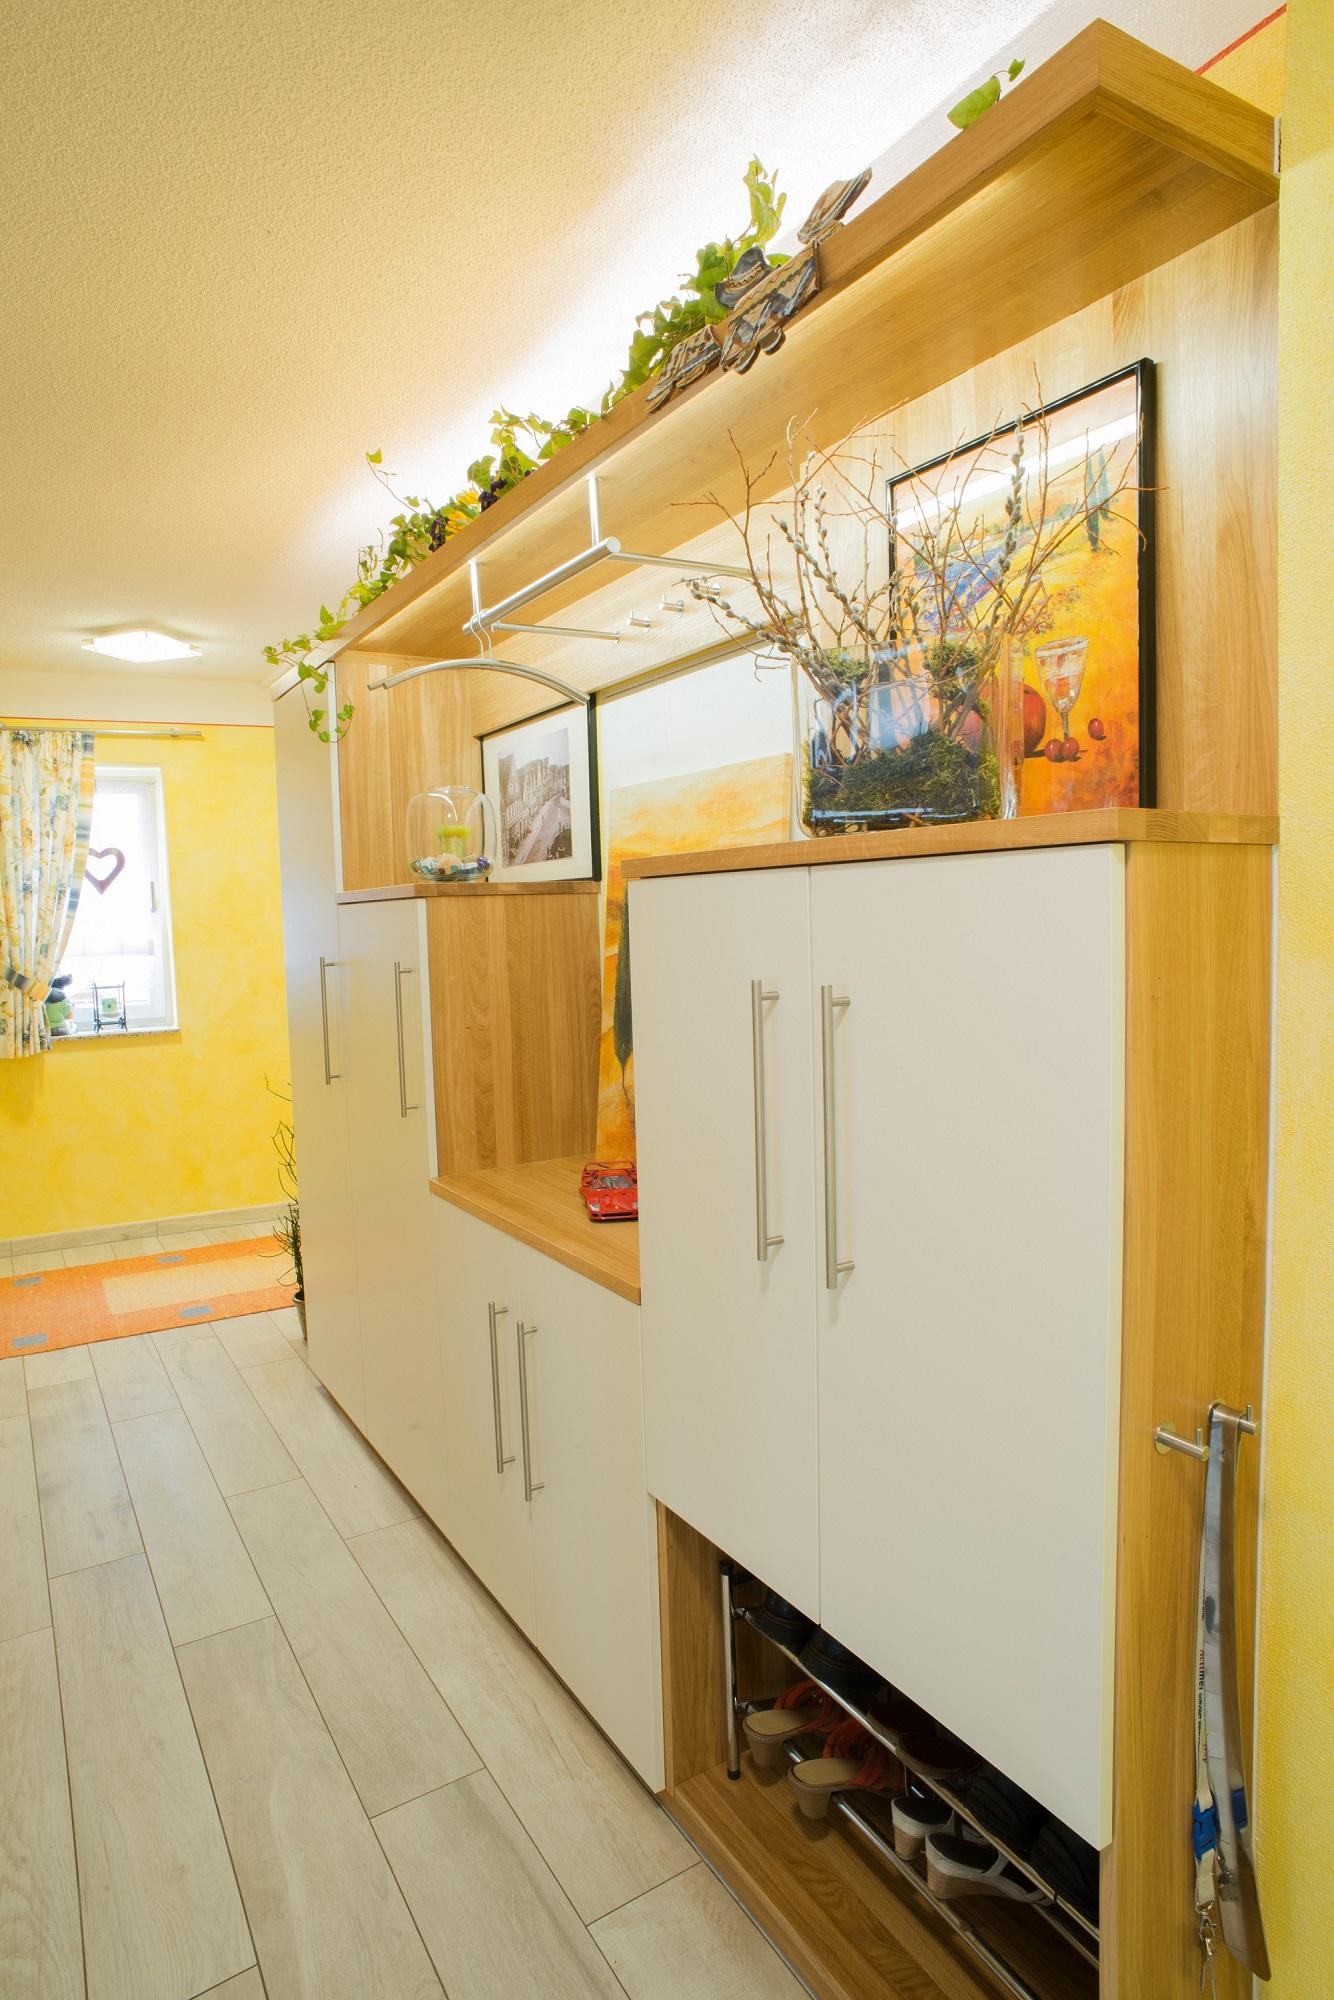 schreinerei f r privat und gewerbe im bereich innenausbau w rzburg und umgebung karl wiehl. Black Bedroom Furniture Sets. Home Design Ideas